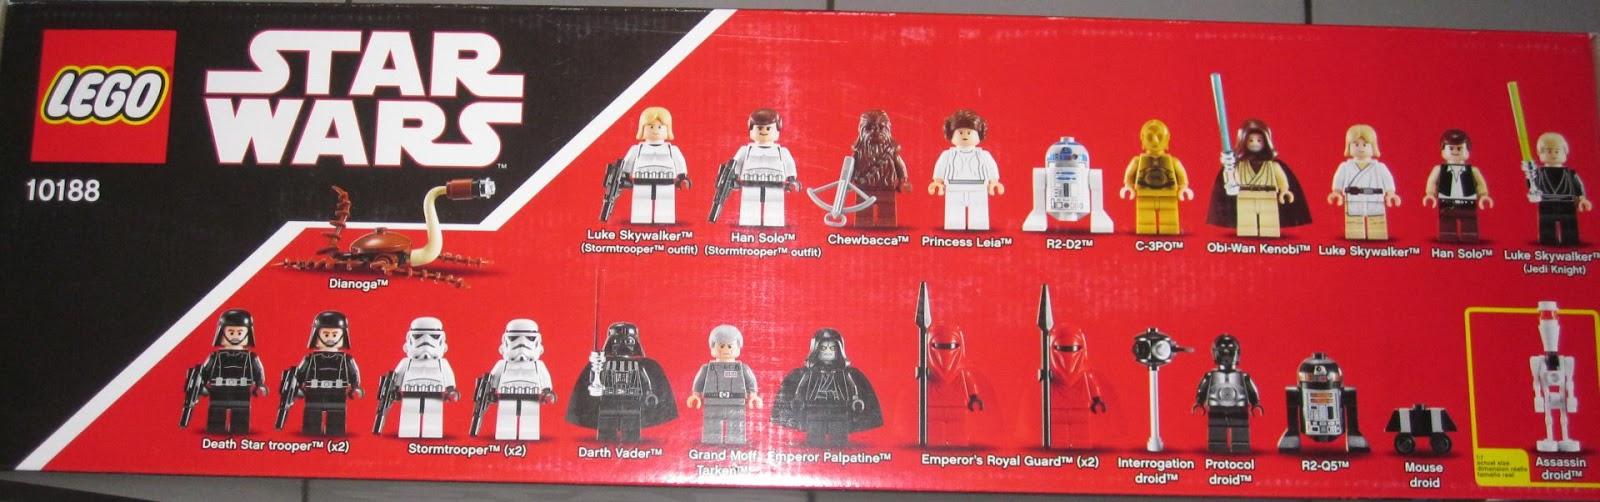 Lego star wars l 39 toile noire - L etoile noire star wars ...